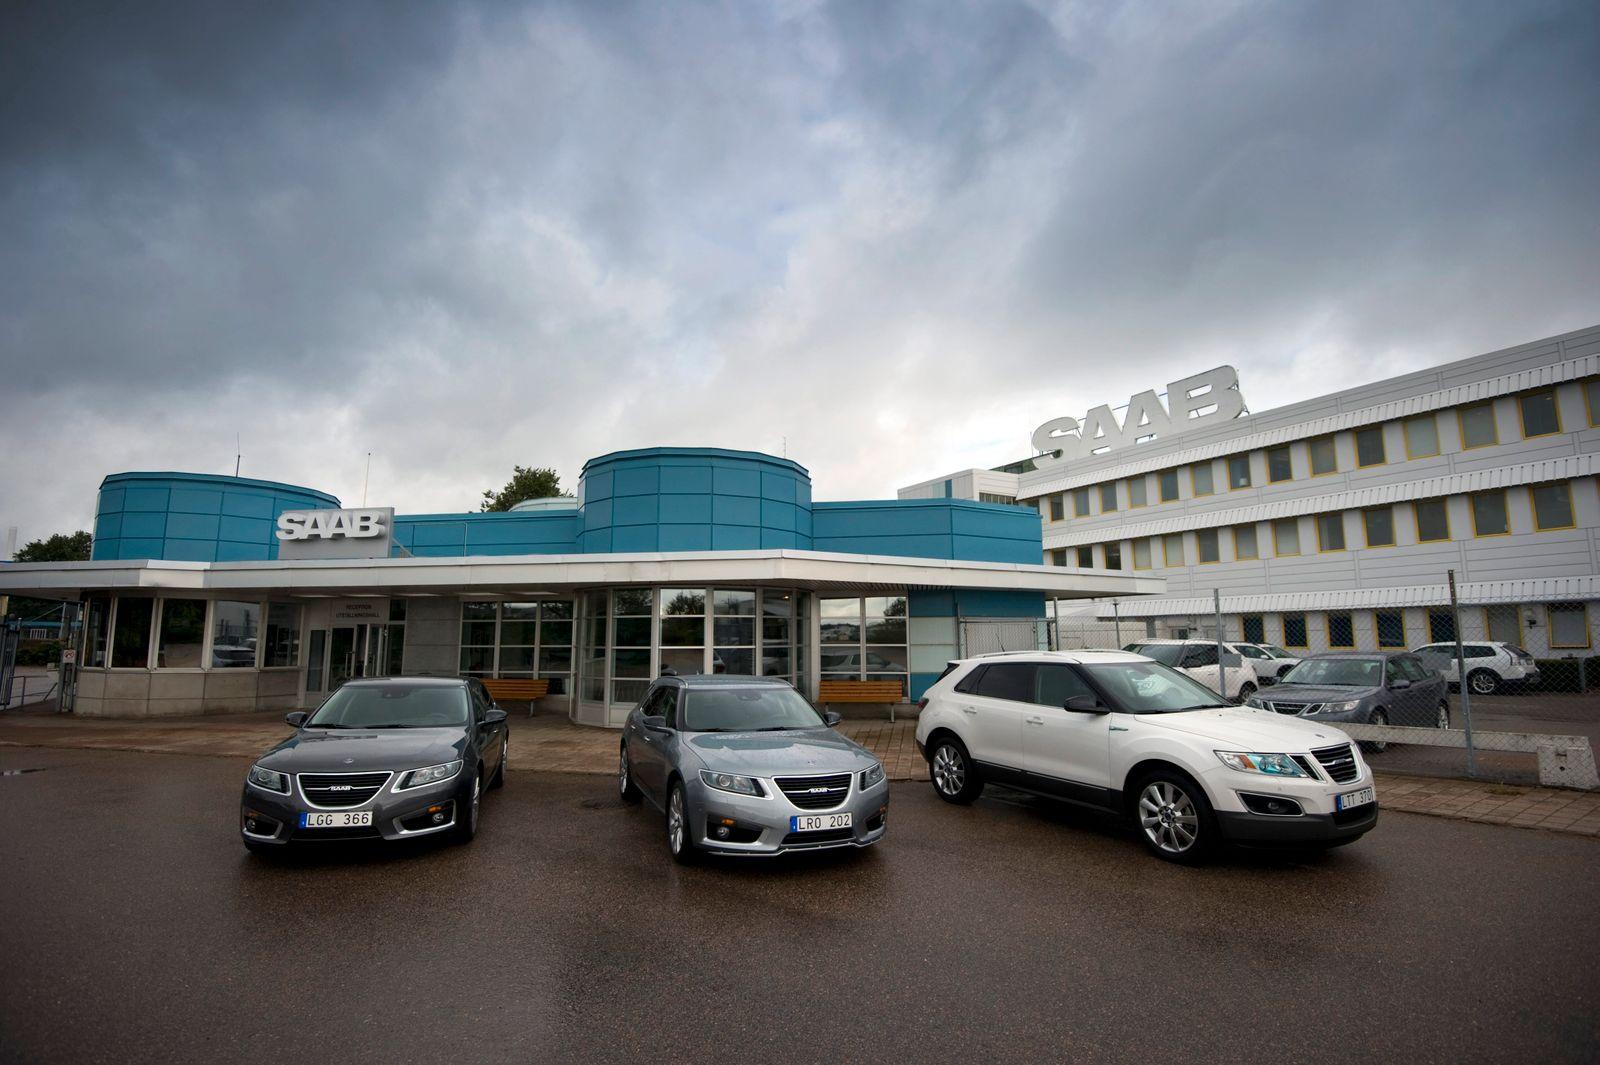 Schweden / Saab / Autos / Automarken